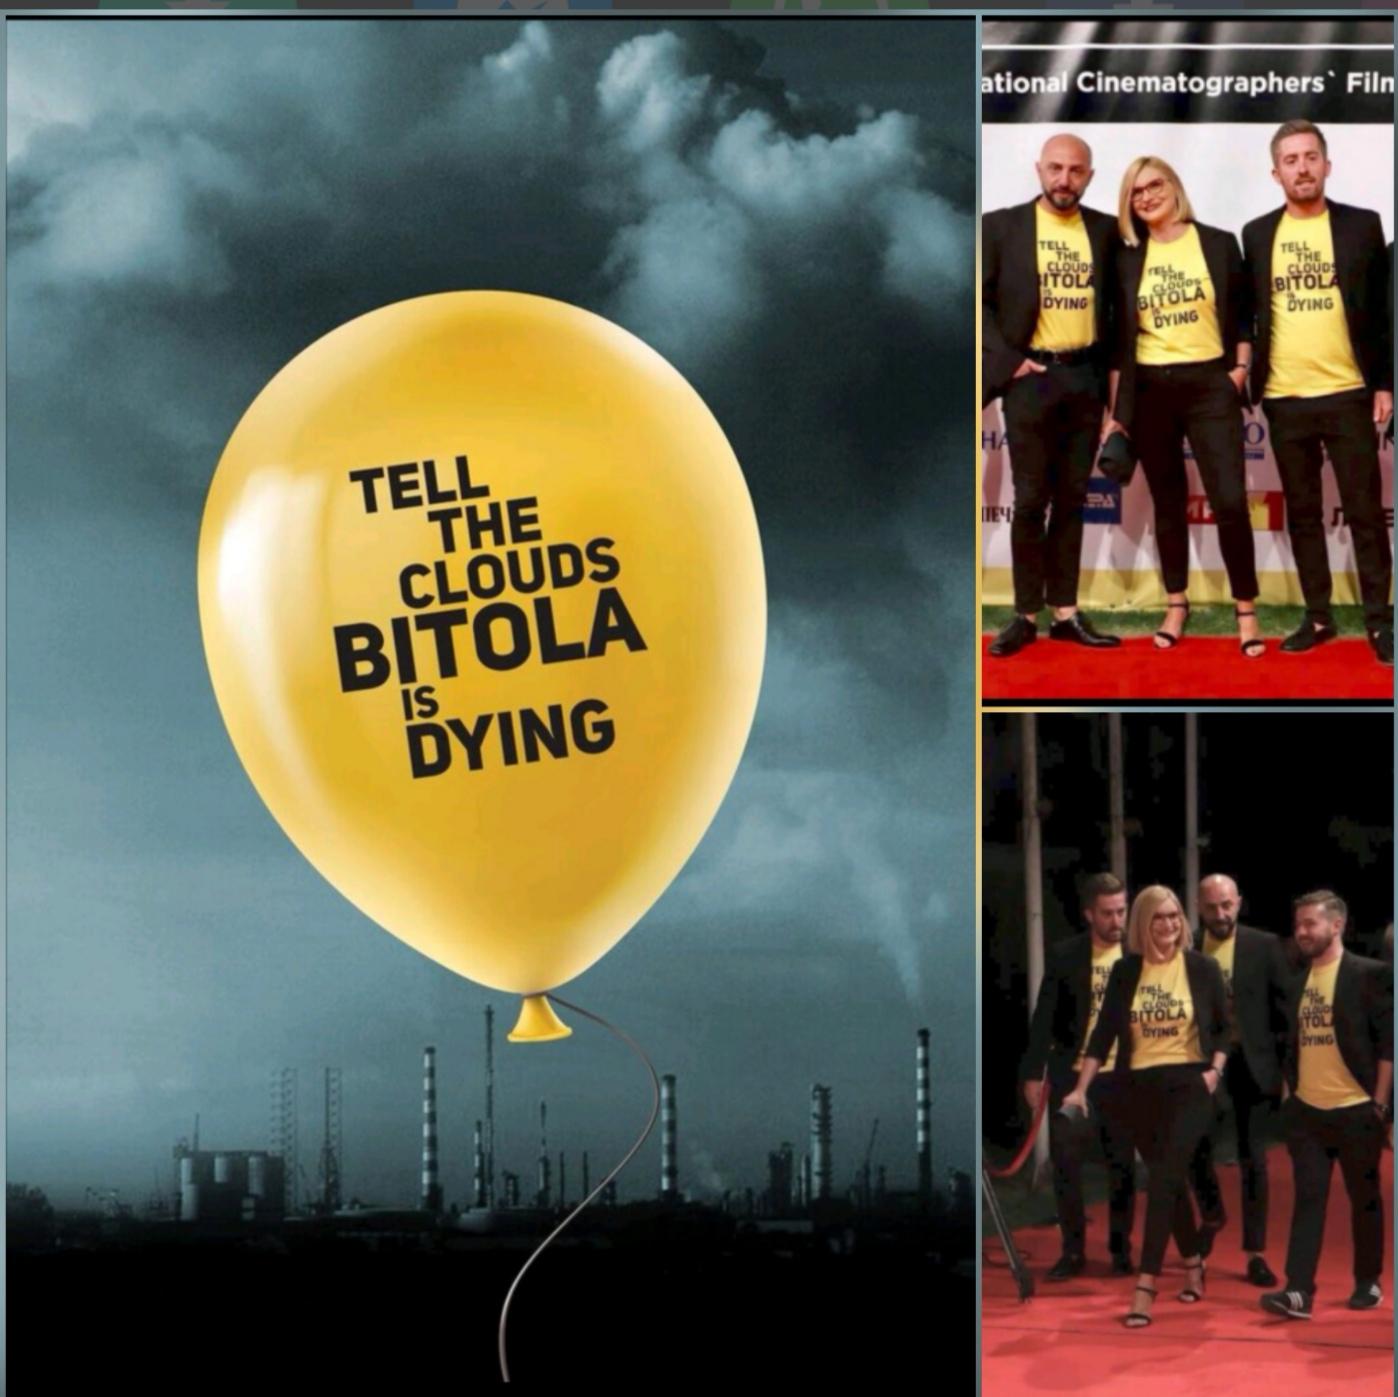 """""""Кажете му на облаците дека Битола умира!"""" – освестувачка порака на група битолчани кои сметаат дека е крајно време Битола да започне да живее!"""